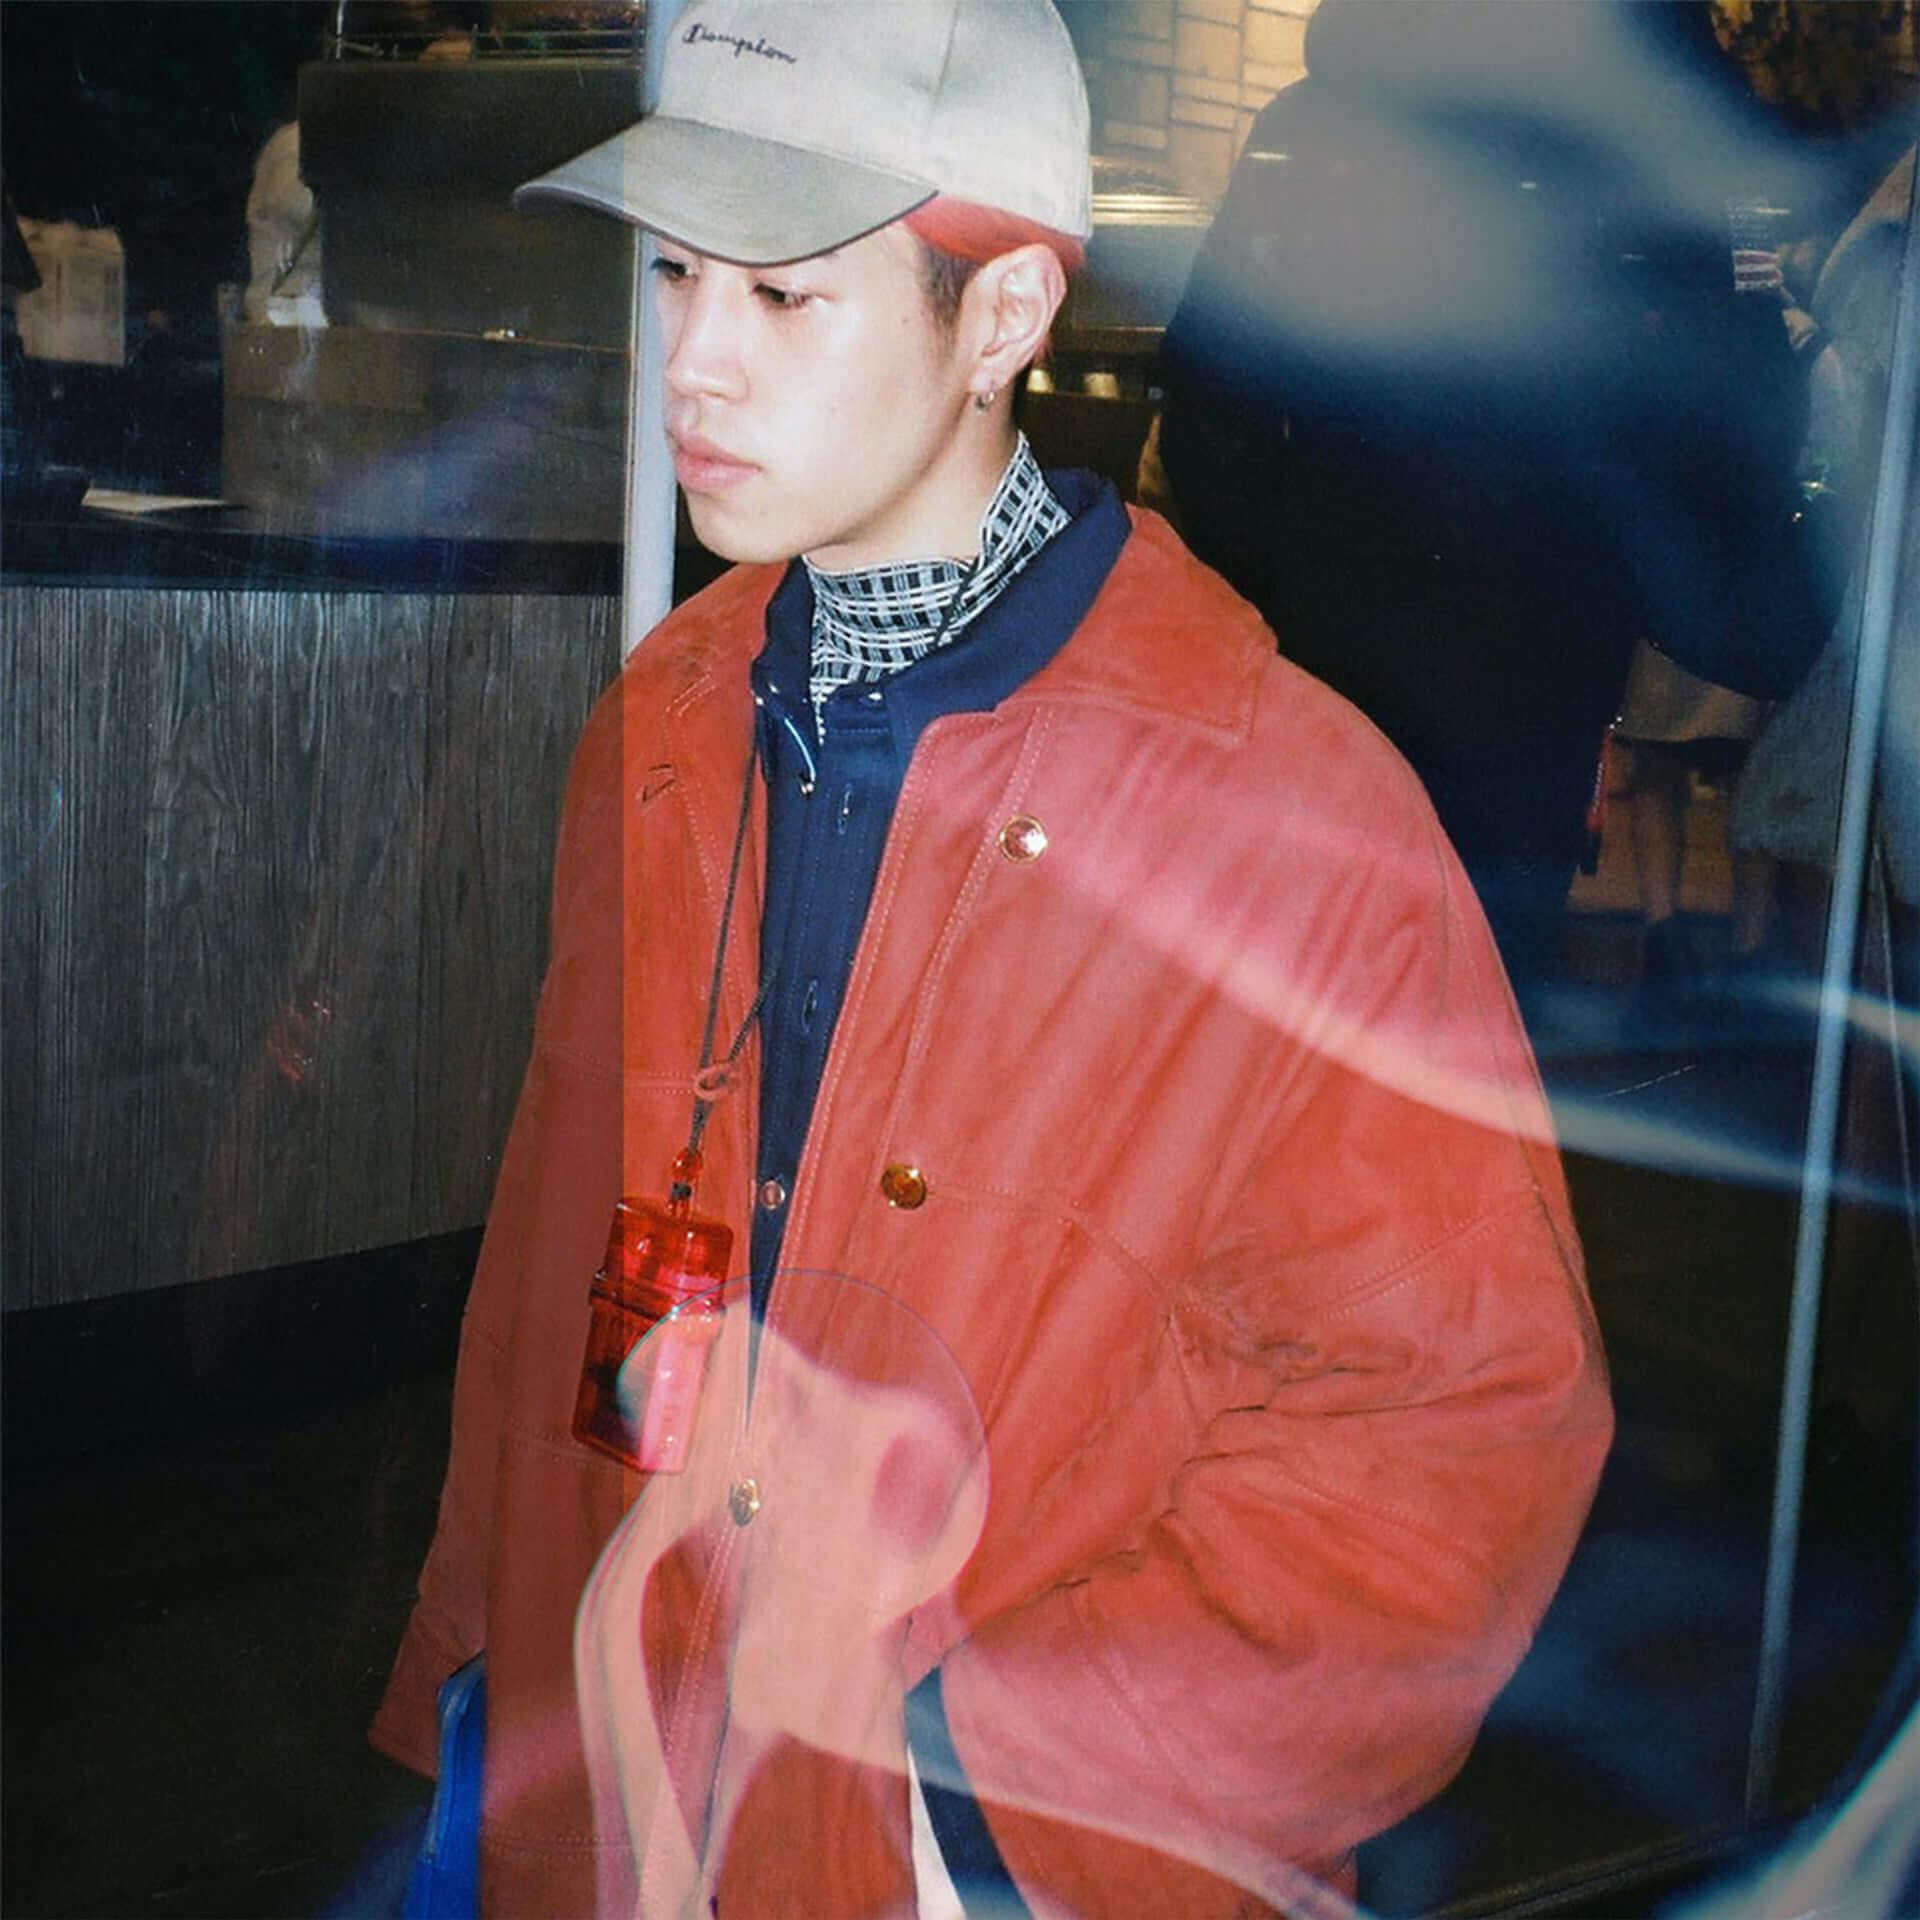 MÖSHIのデビューEP『#13G』がダブプレートで登場!タワーレコードオンライン限定で受注販売開始&インタビュー動画も公開 music201110_moshi_1-1920x1920